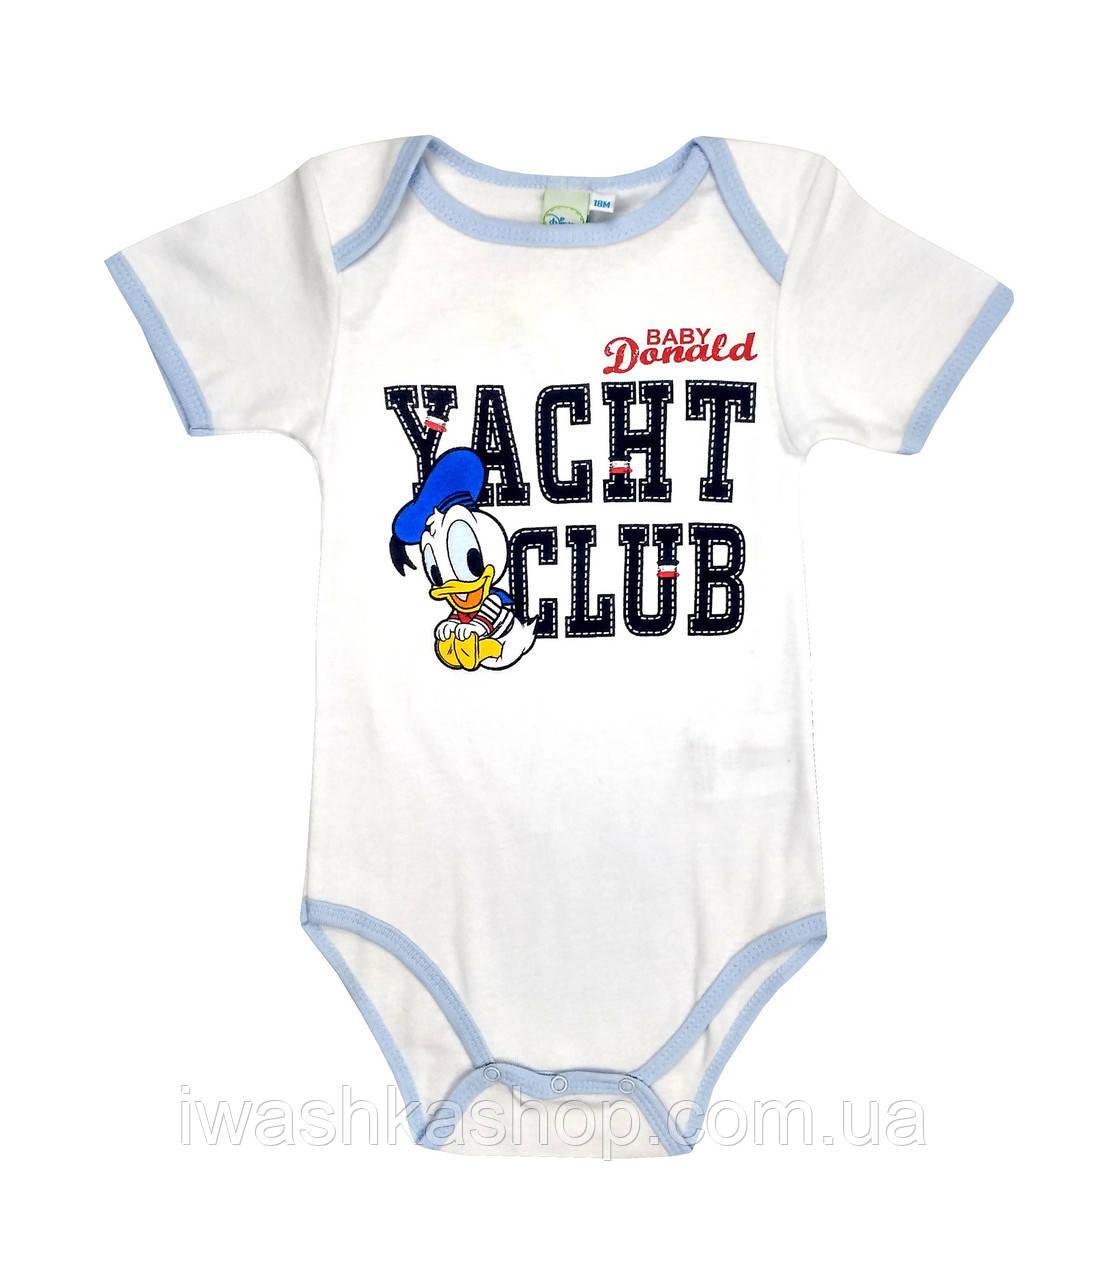 Стильное белое боди с коротким рукавом, с принтом Доналда Дака (Donald Duck) на мальчика 9 месяцев, Disney